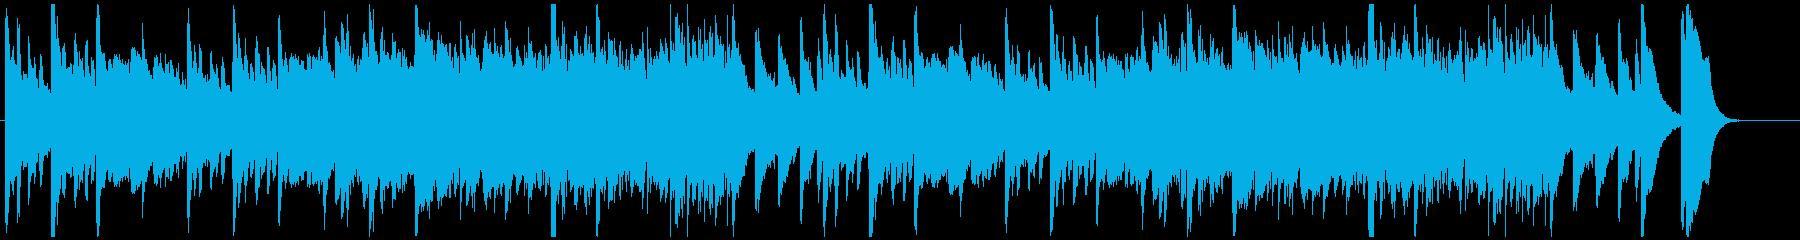 おばけホラーなBGMの再生済みの波形